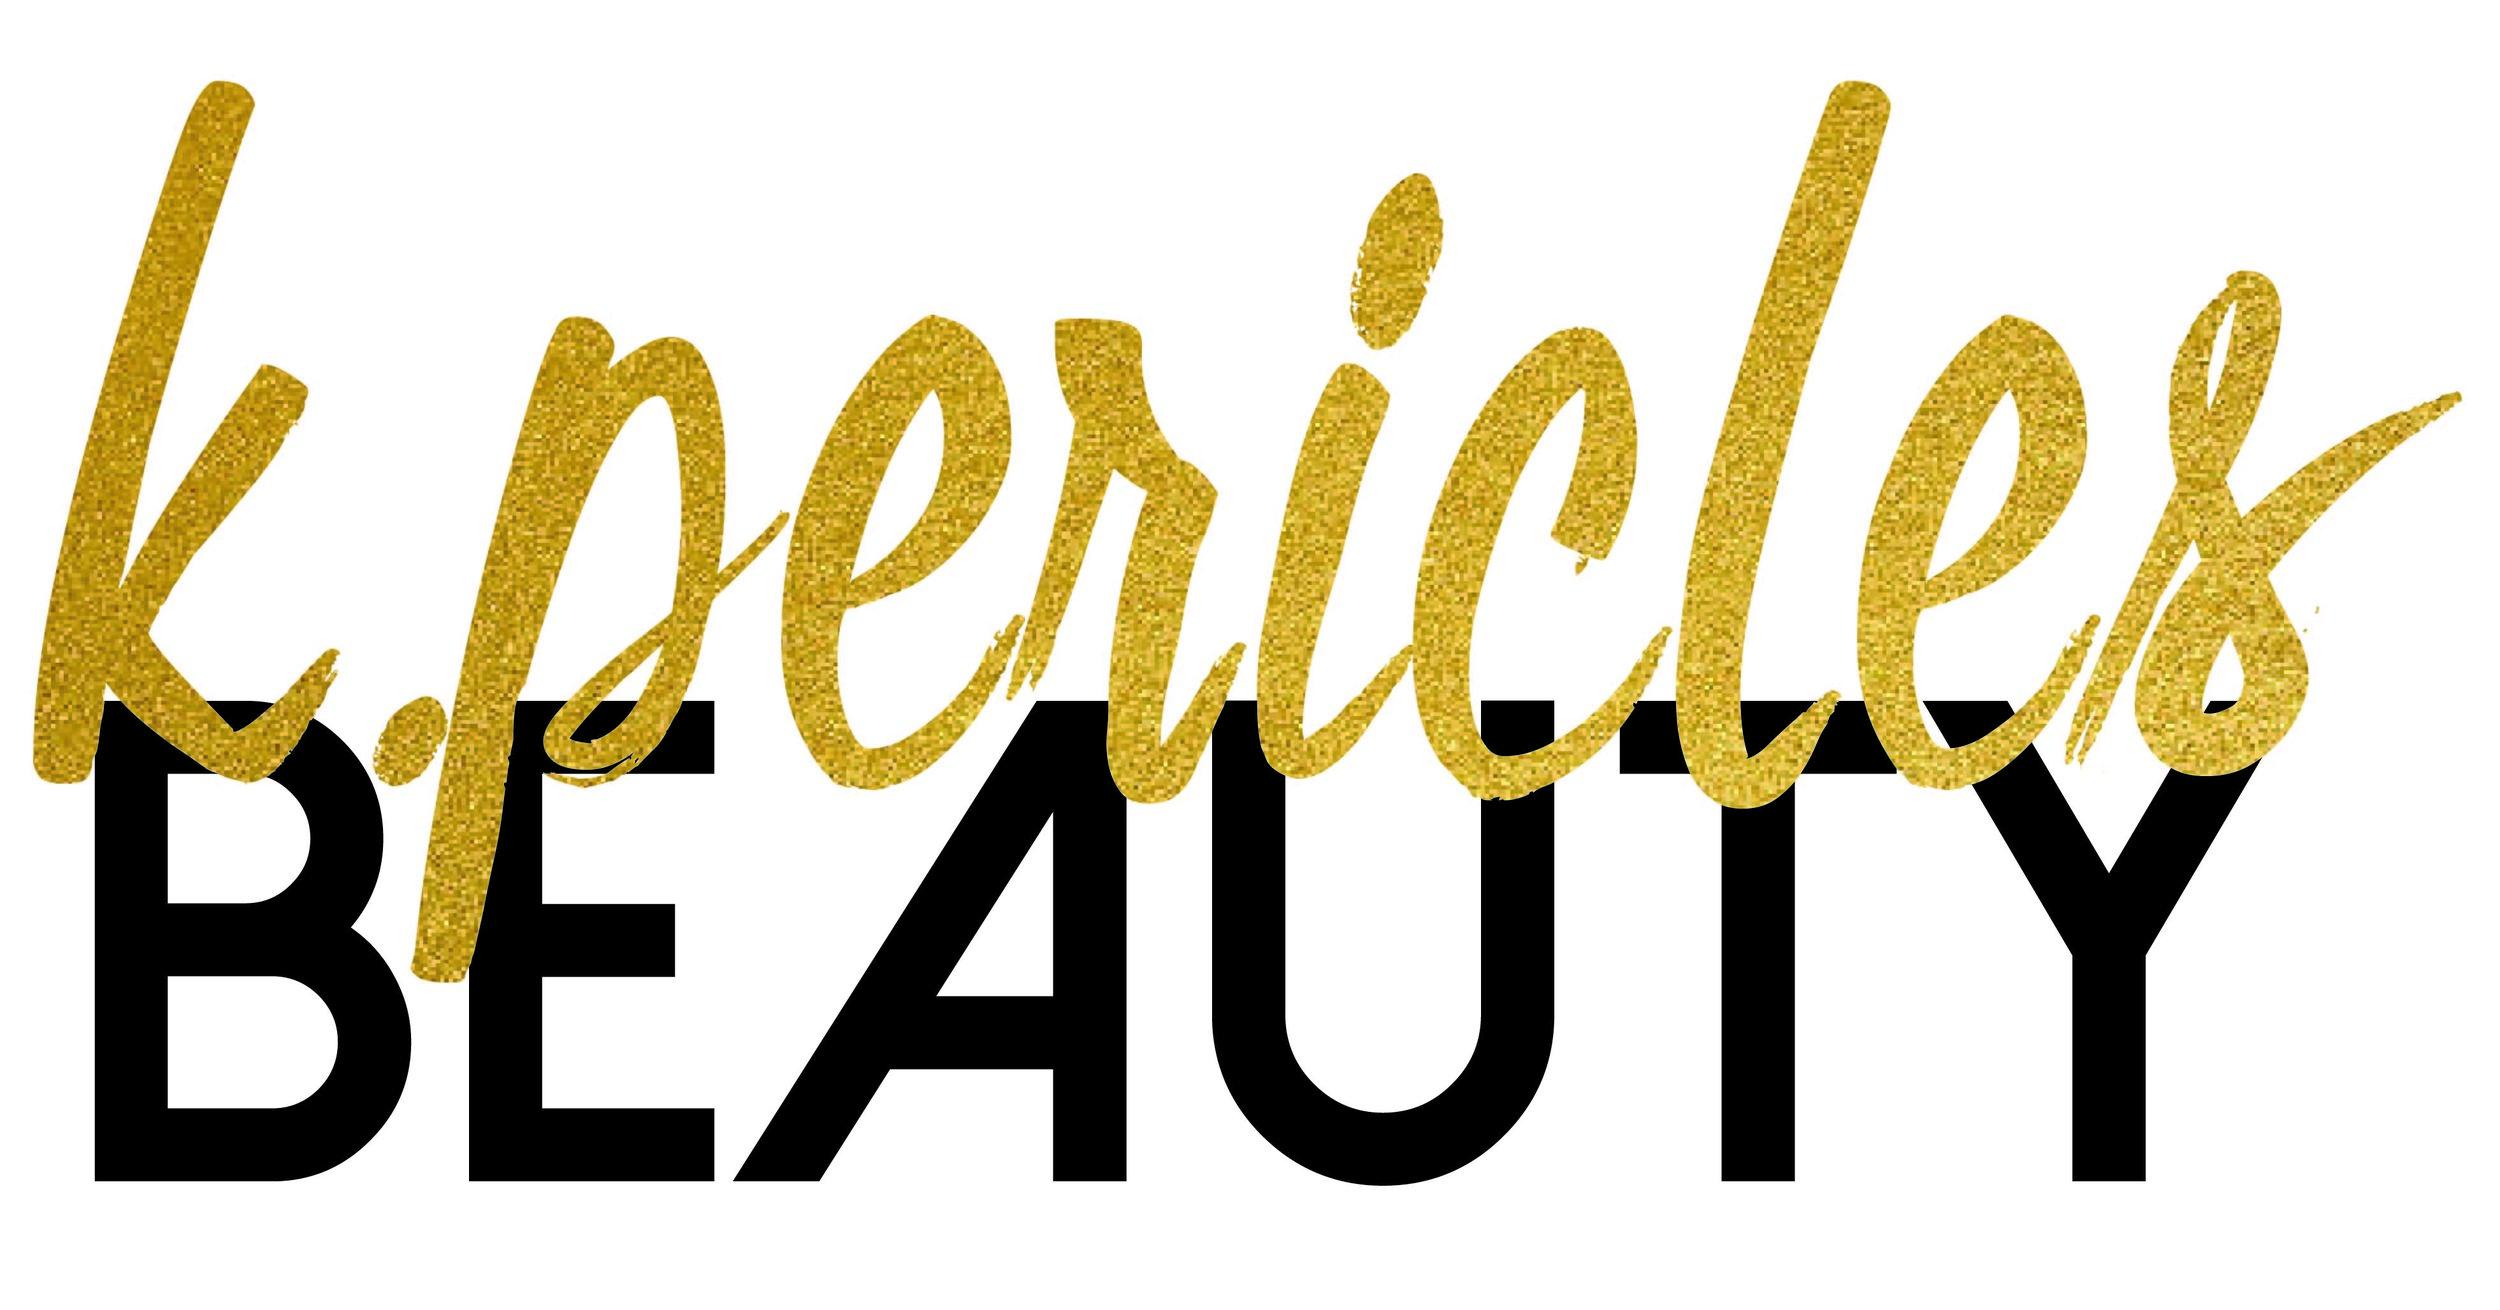 KP.Beauty.blackArtboard 1.jpg